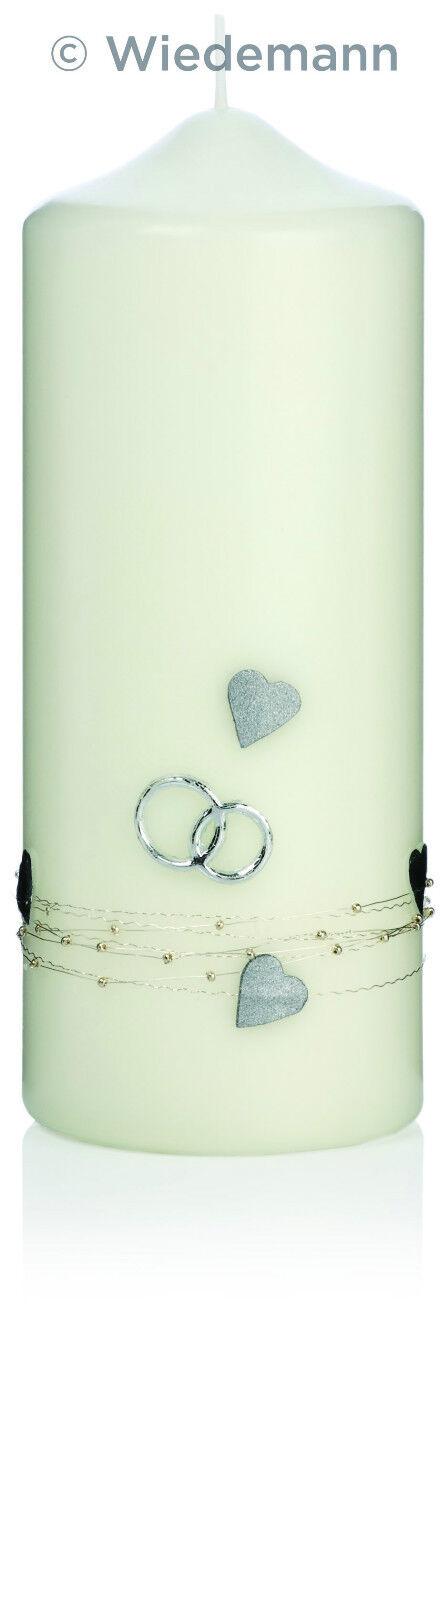 Hochzeitskerze 20x8cm Farbe Elfenbein mit Herzen + Ringen + Kette  Wiedemann